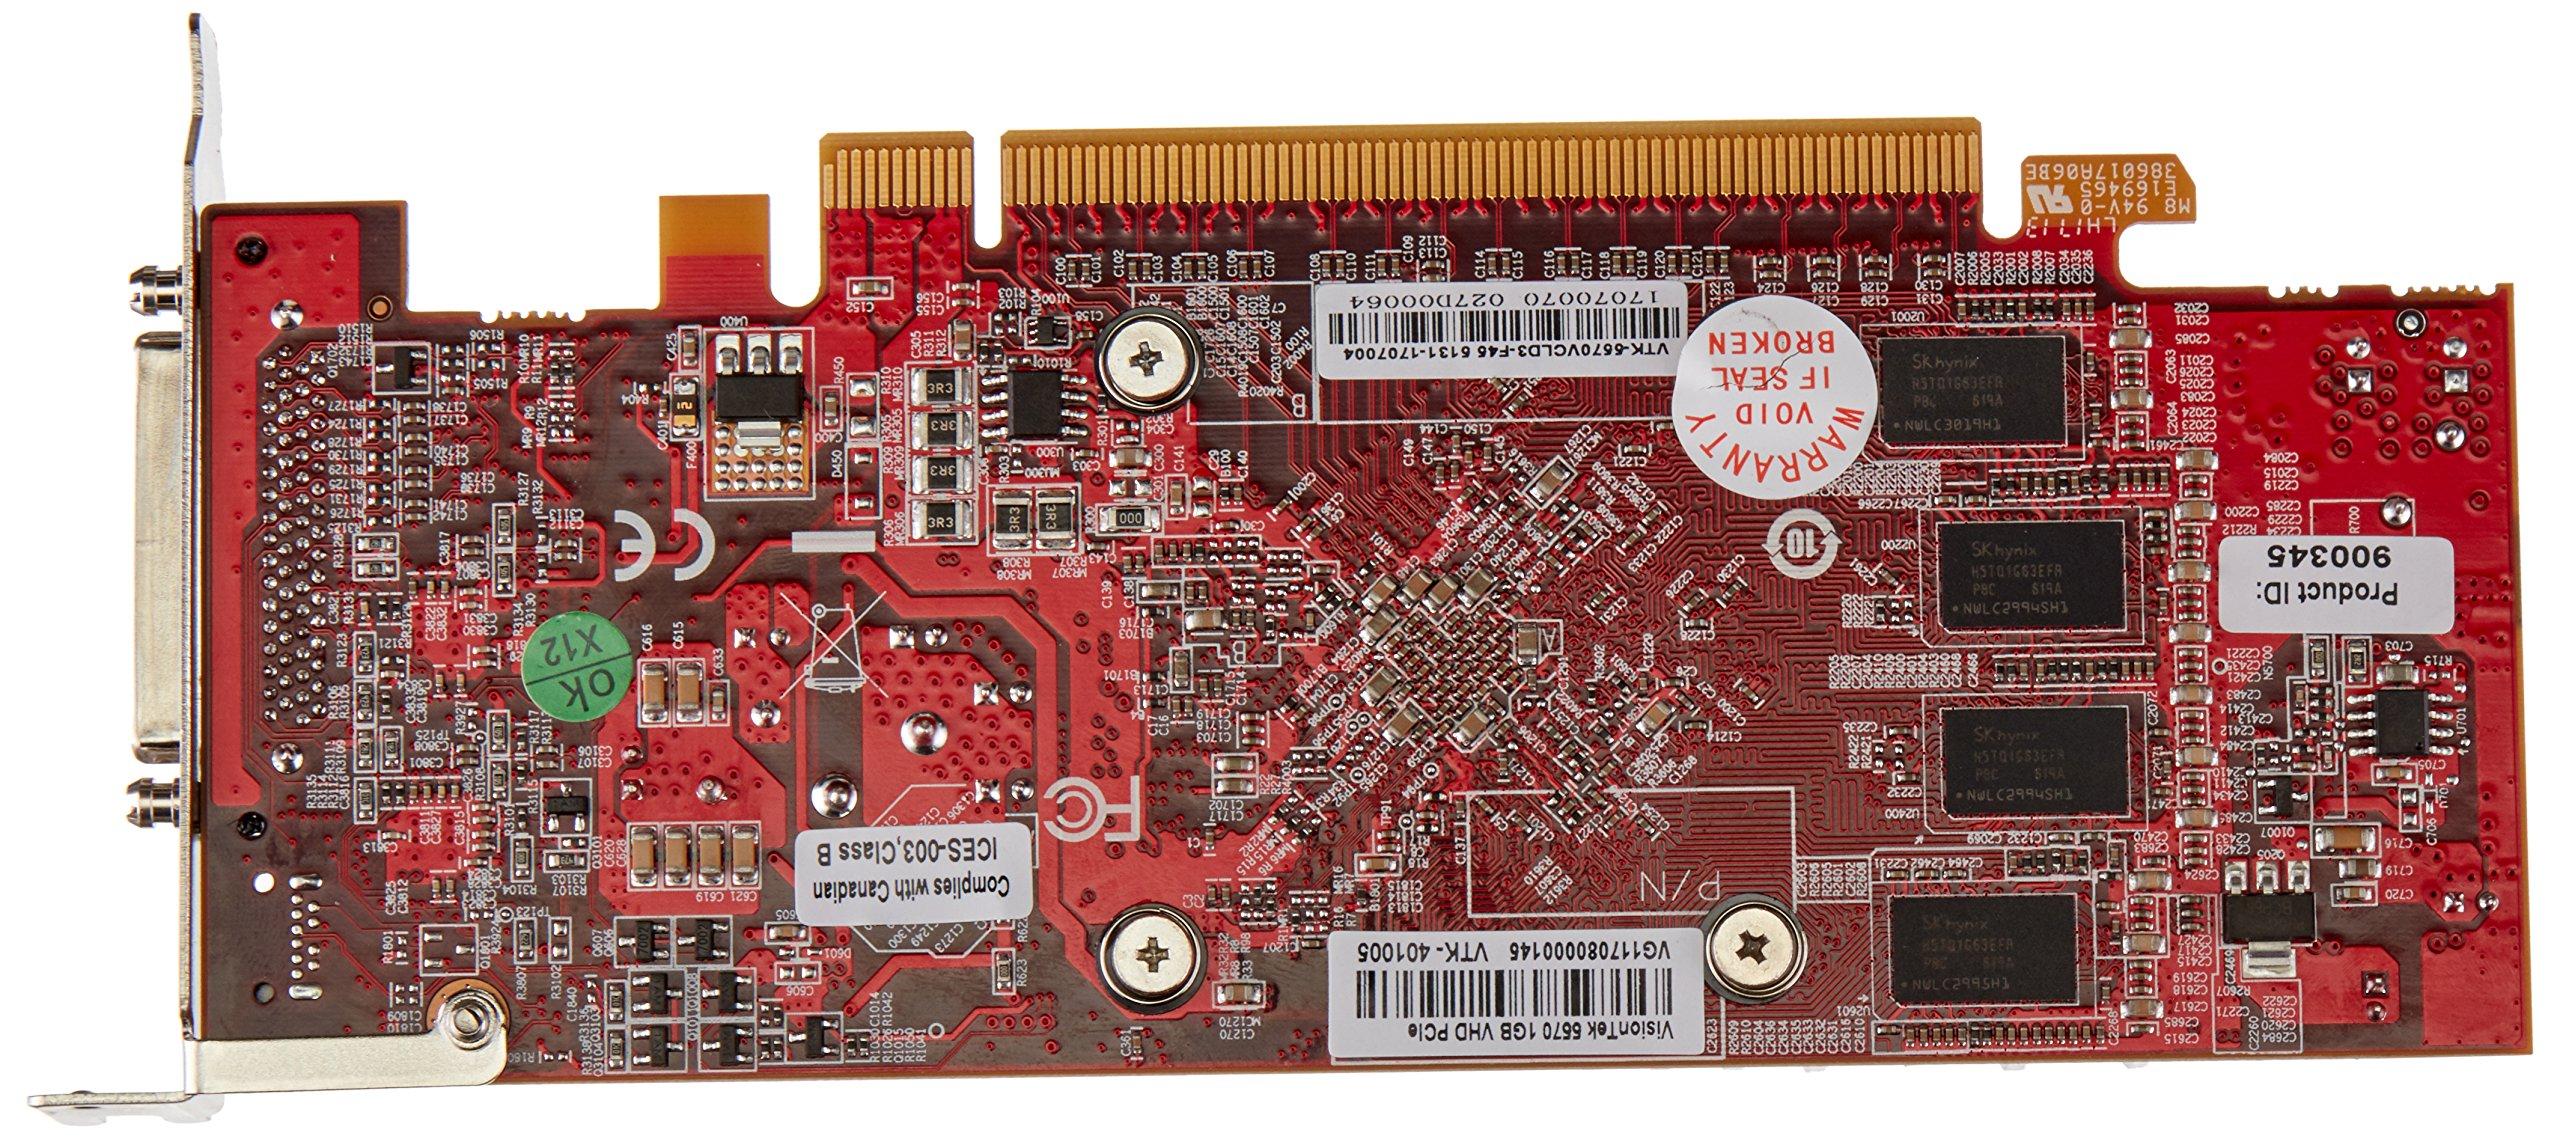 VisionTek Radeon HD 5570 4 Port HDMI VHDCI Graphics Card - 900901 by VisionTek (Image #3)